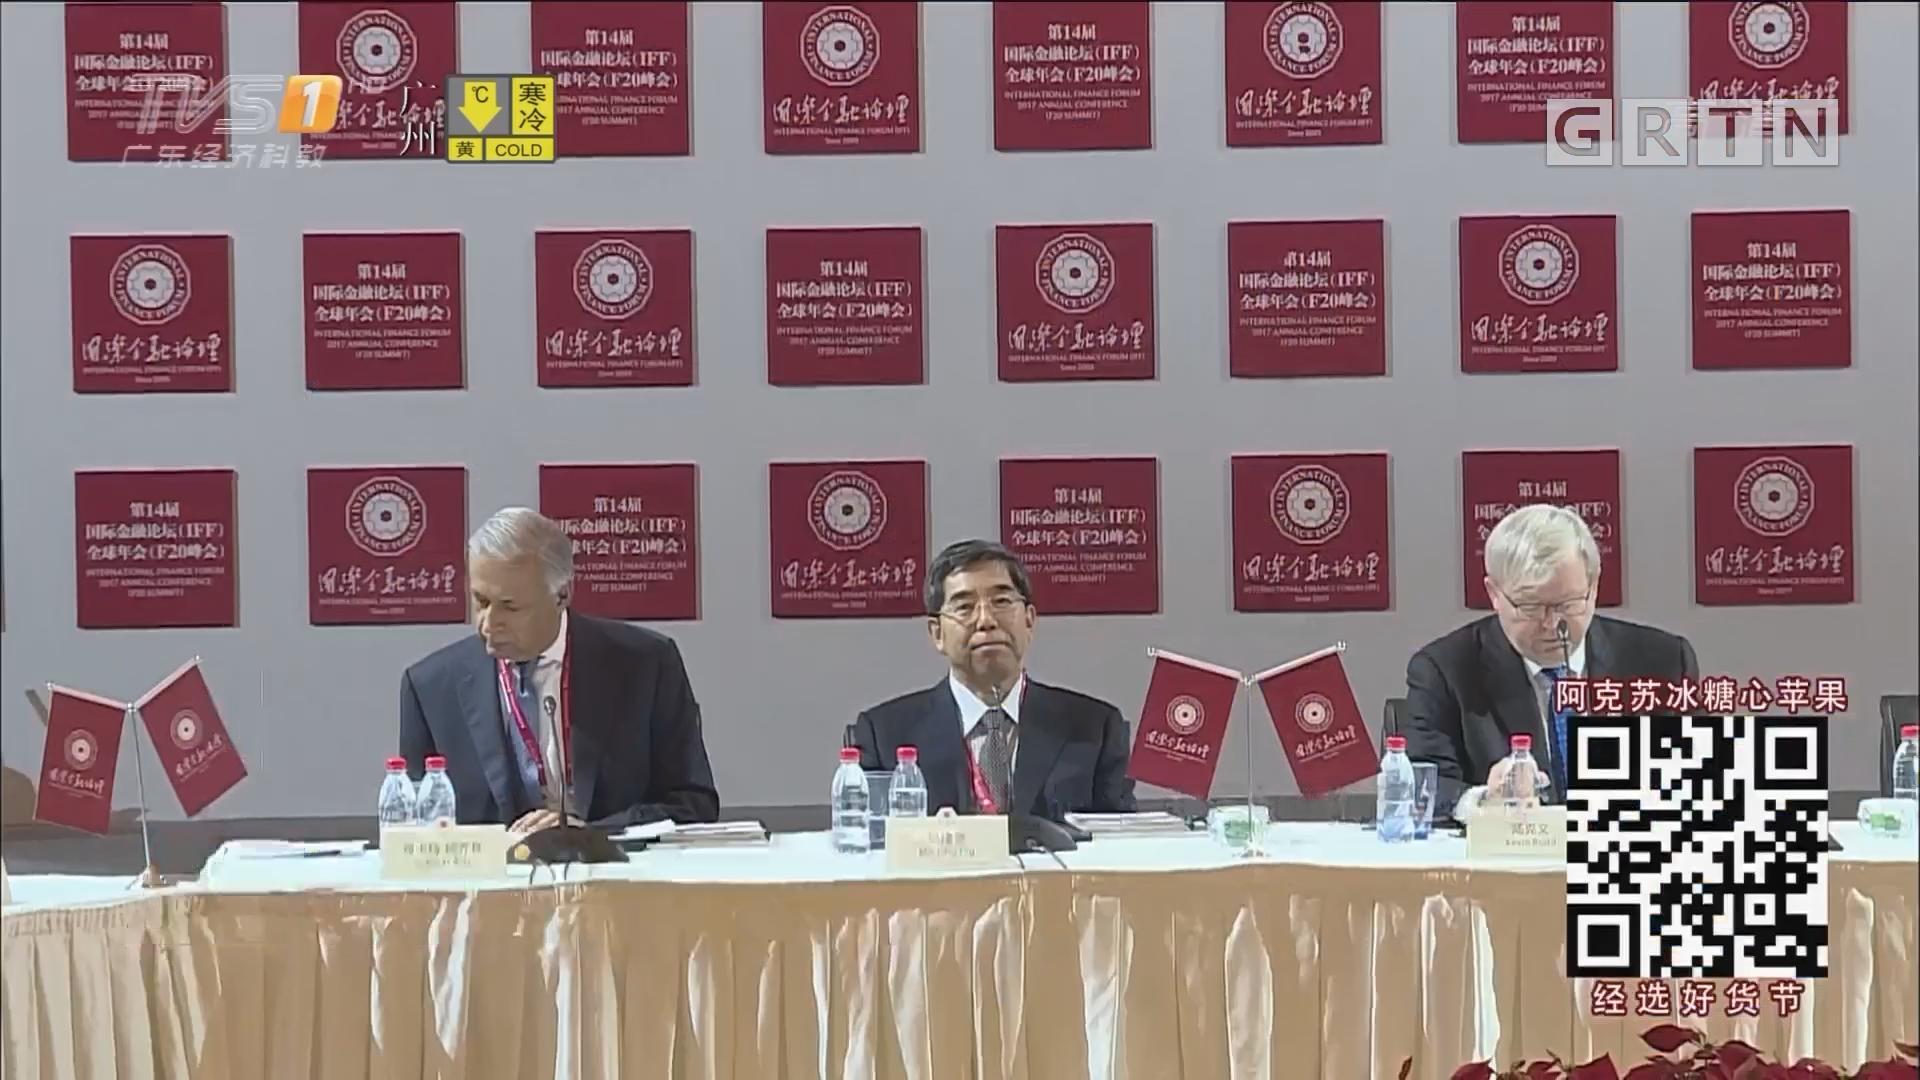 第14届国际金融论坛全球年会:聚焦粤港澳大湾区